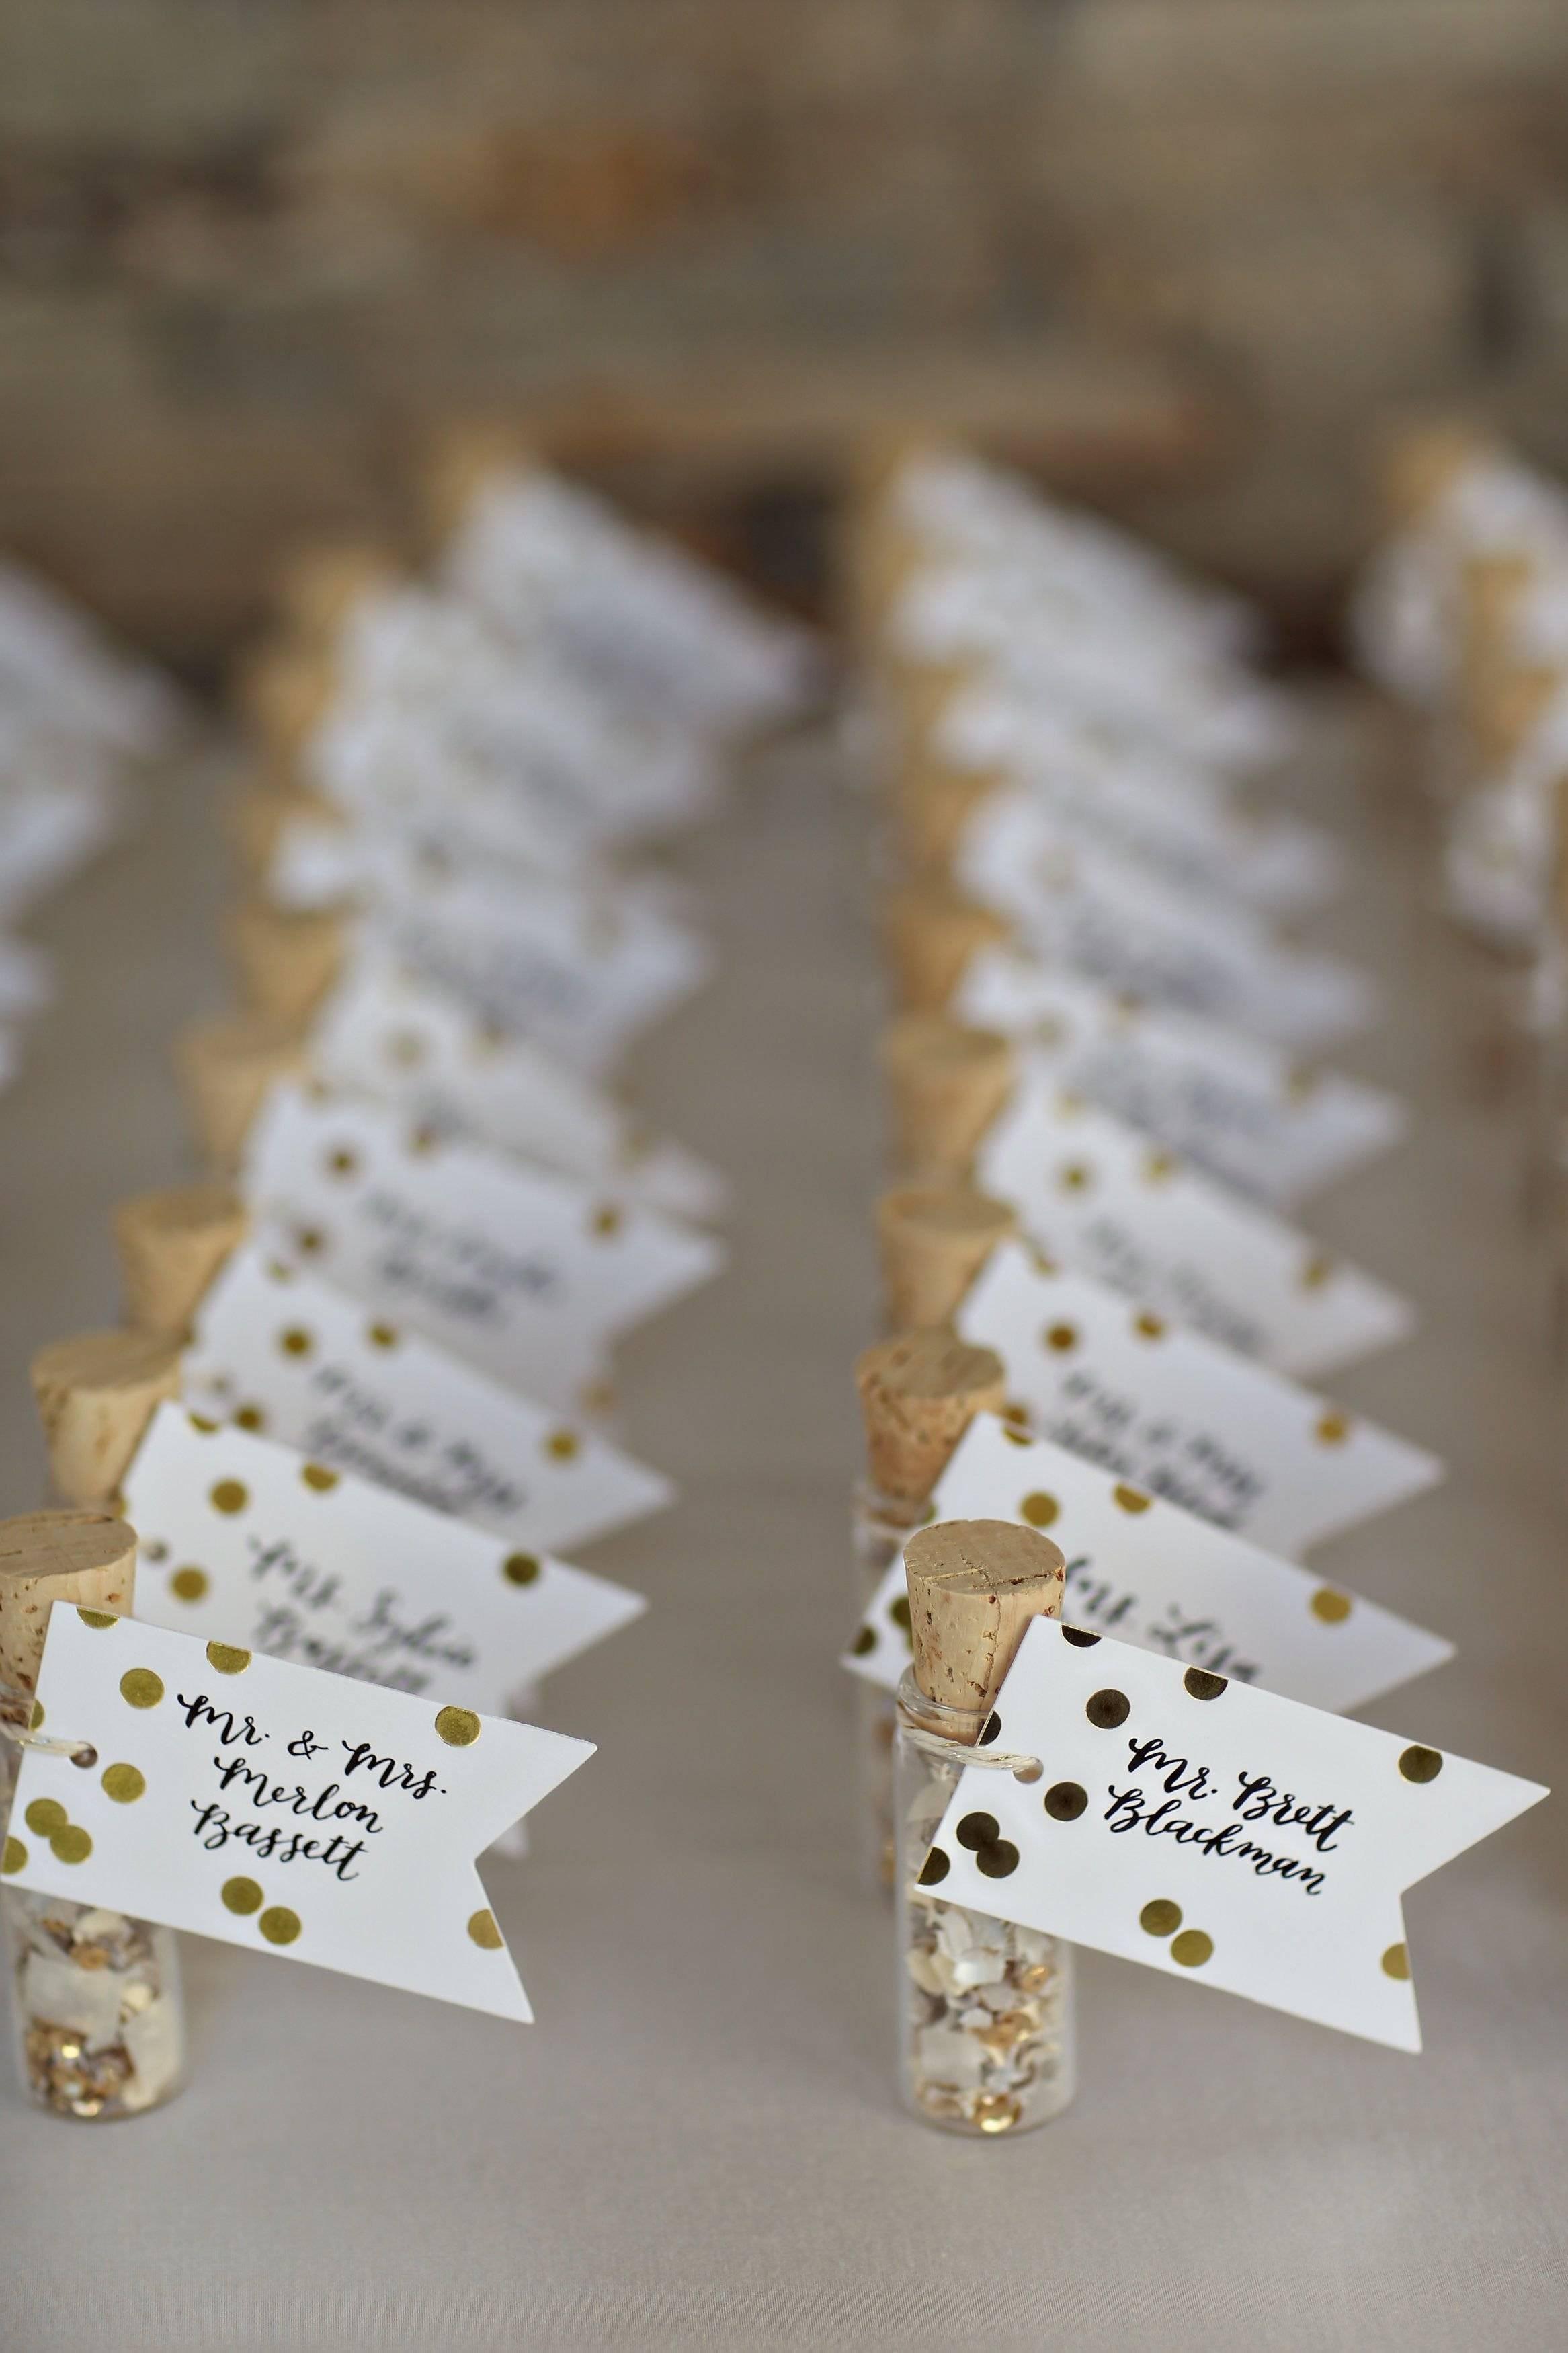 Рассадочные карточки на свадьбу, или Как красиво пригласить гостей к столу